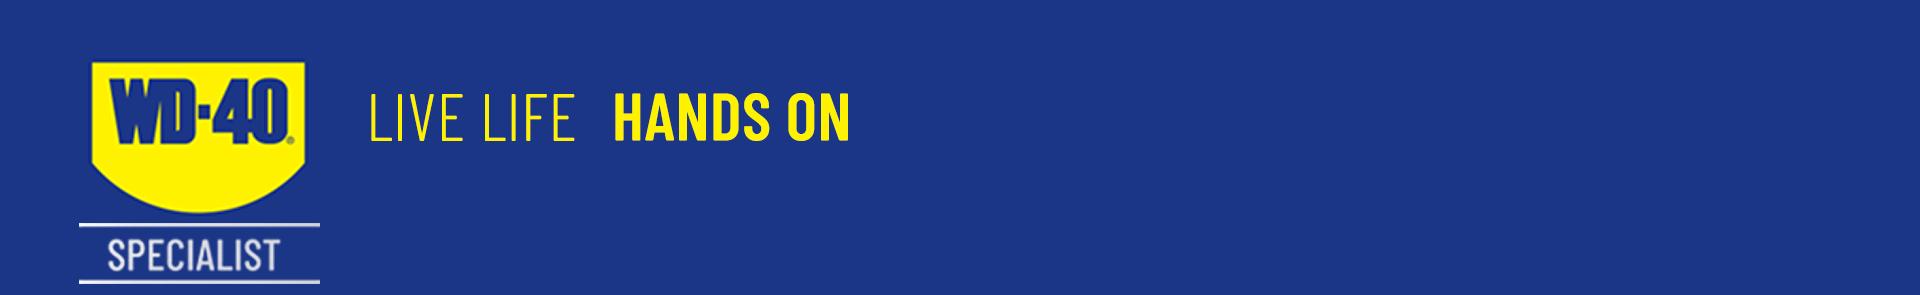 llho banner